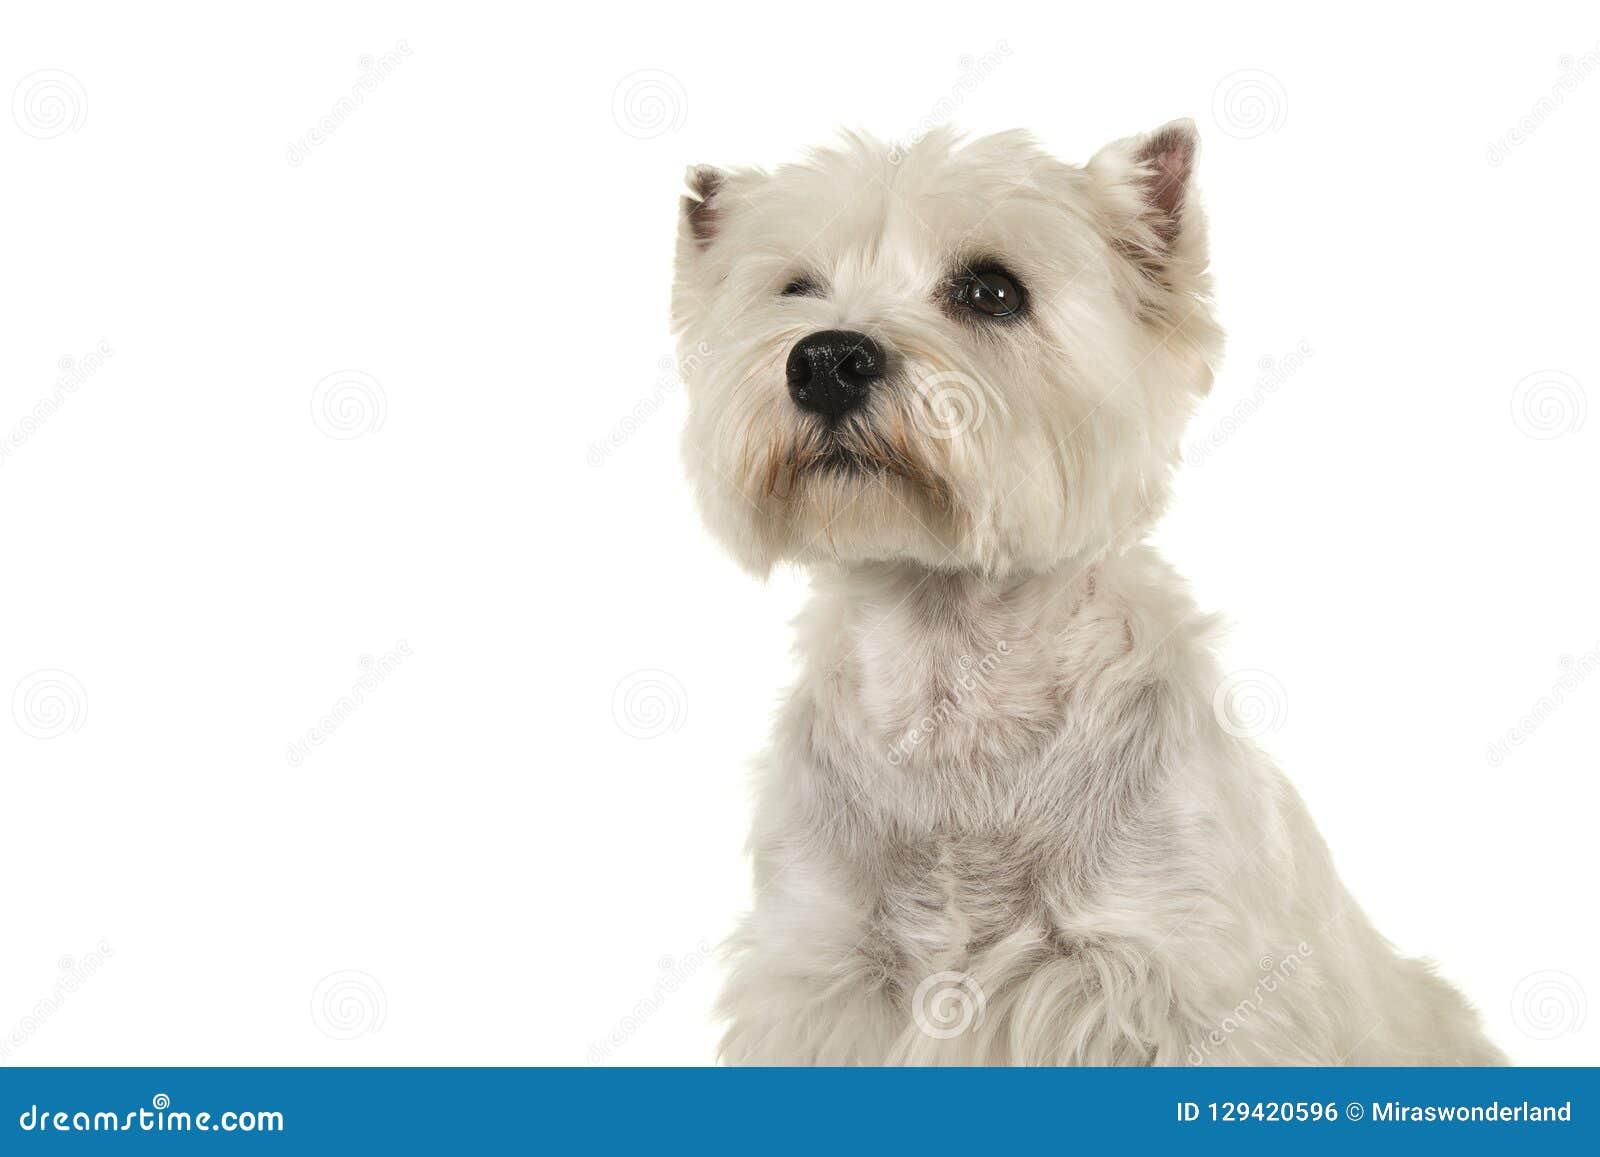 Ritratto di uno sguardo del cane del terrier bianco o del westie di altopiano ad ovest